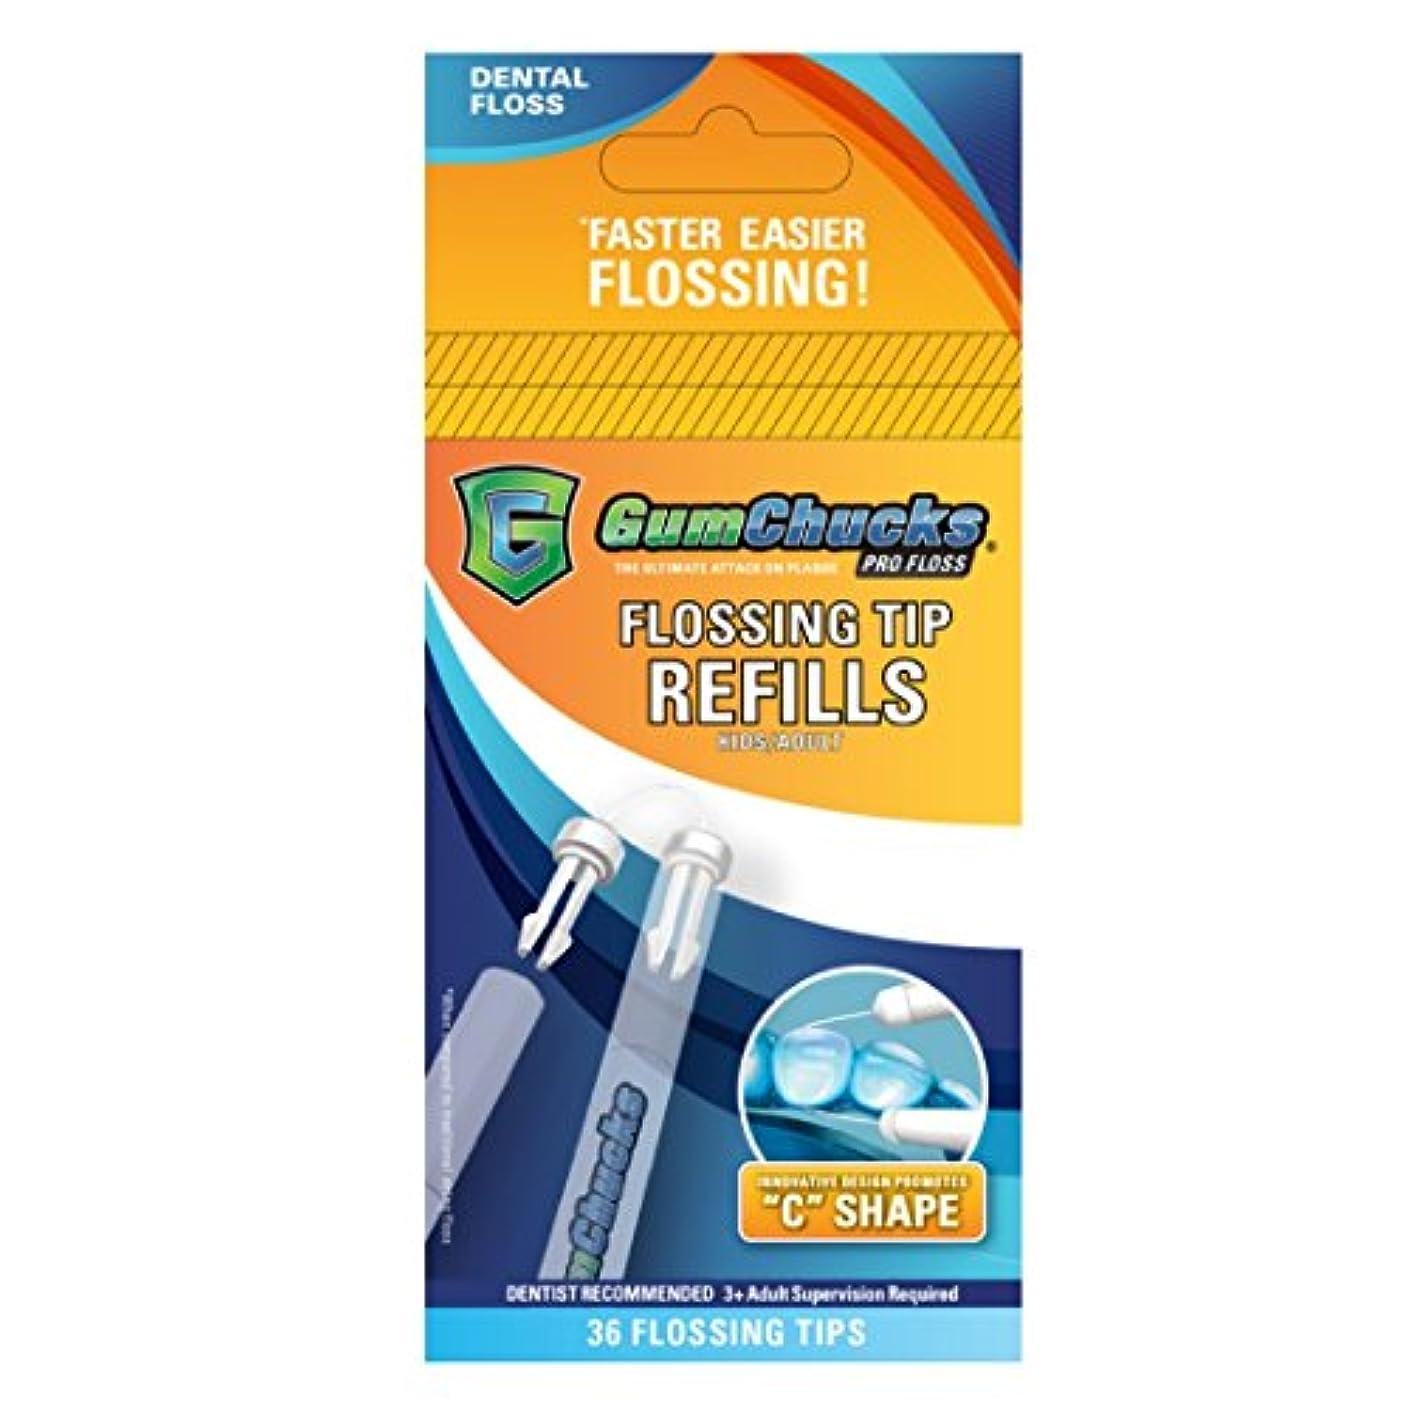 二層過去誠実さクロスフィールド ガムチャックス リフィルパック 36本入 × 1個 フロス/歯間清掃